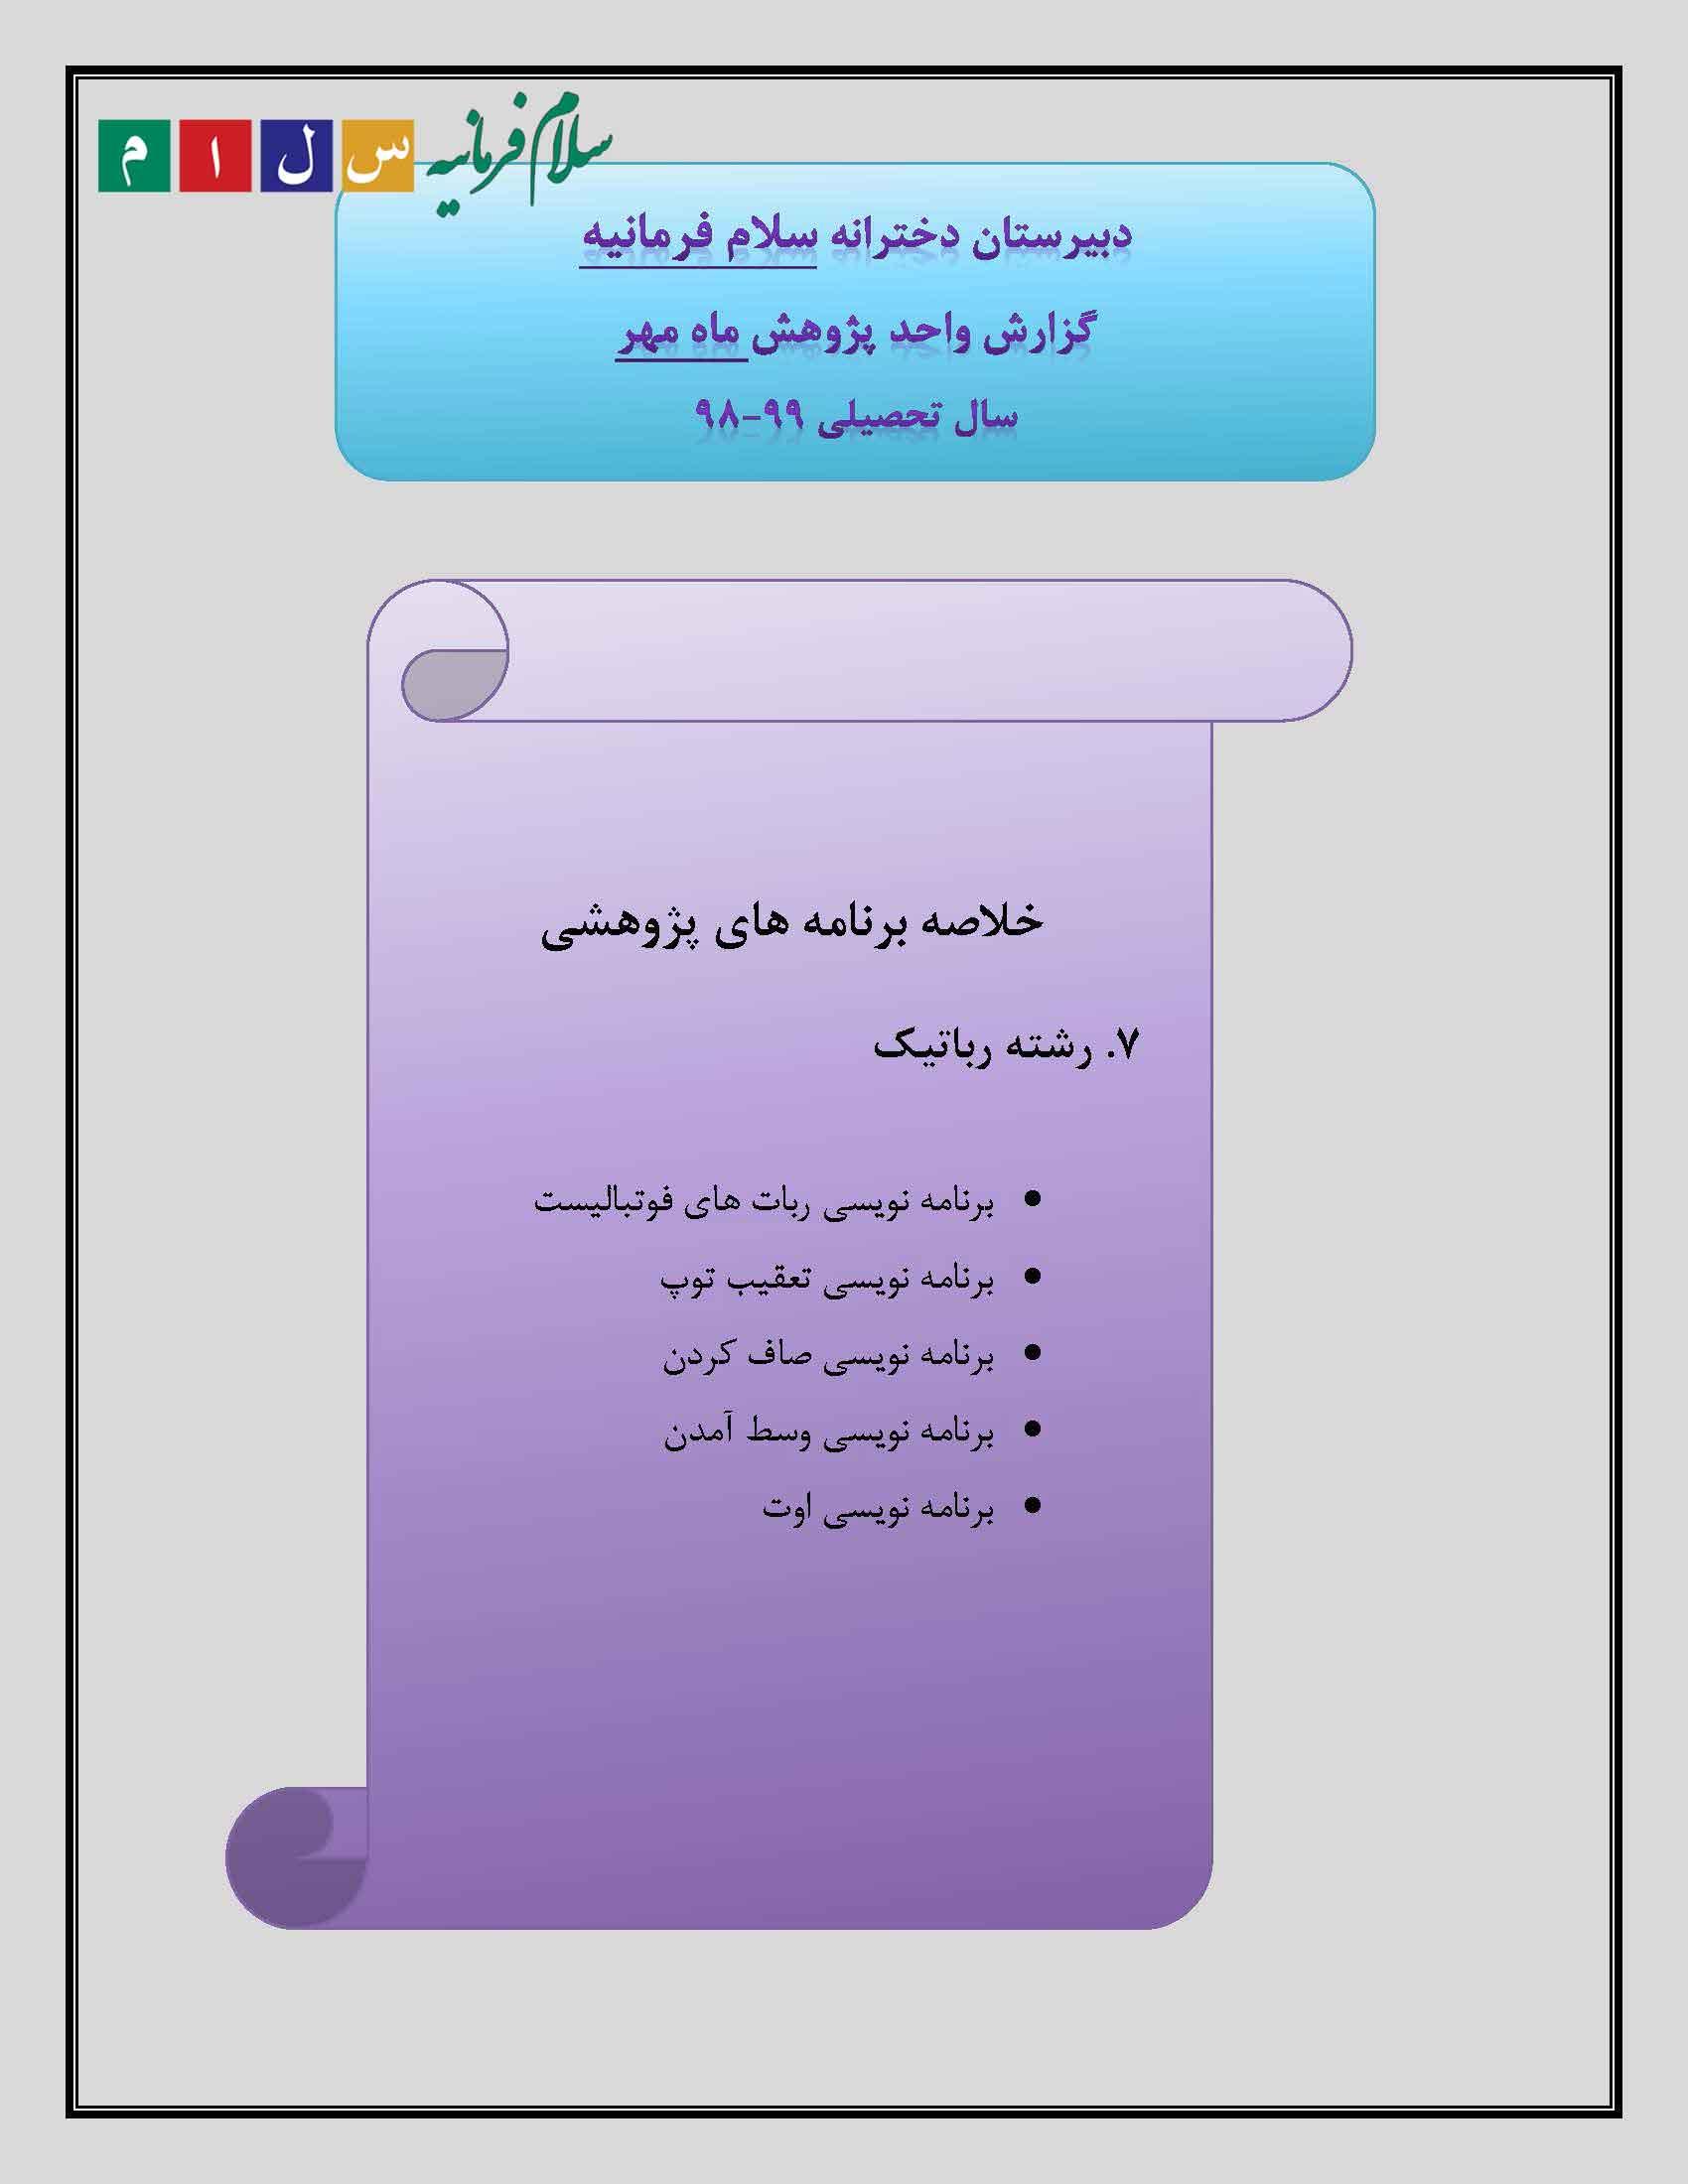 گزارش مهر پژوهش - سلام فرمانیه